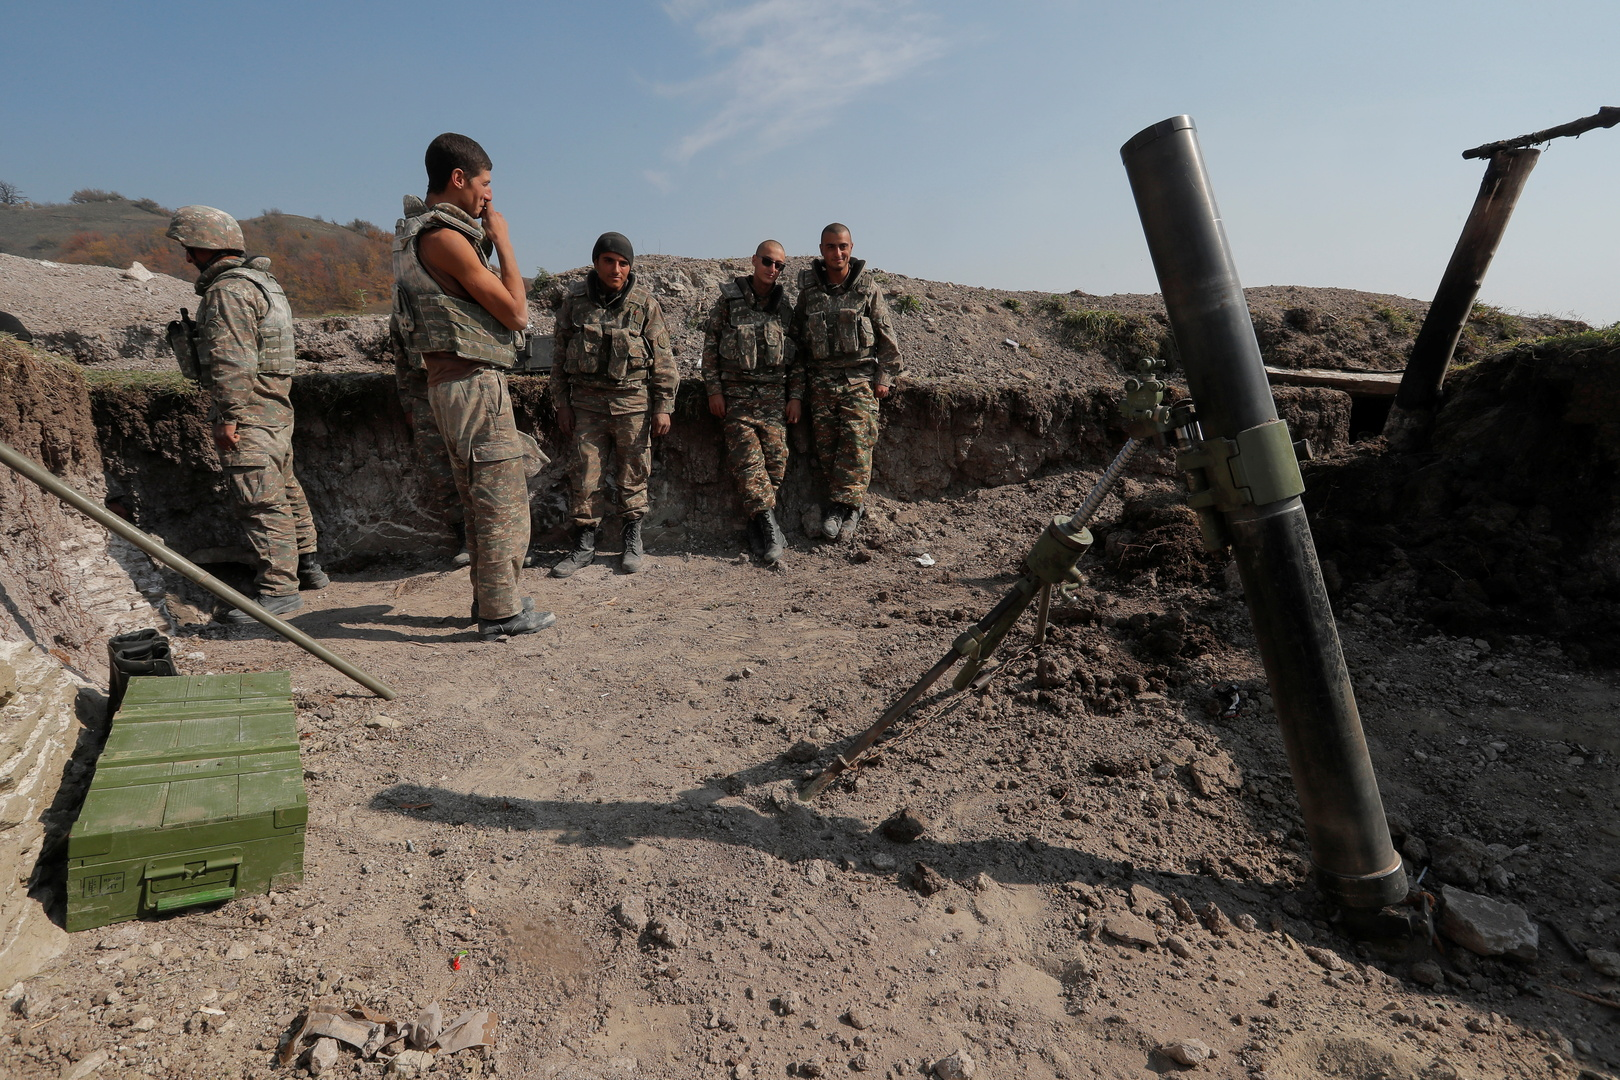 أرمينيا تنفي سيطرة أذربيجان على الحدود مع إيران في قره باغ